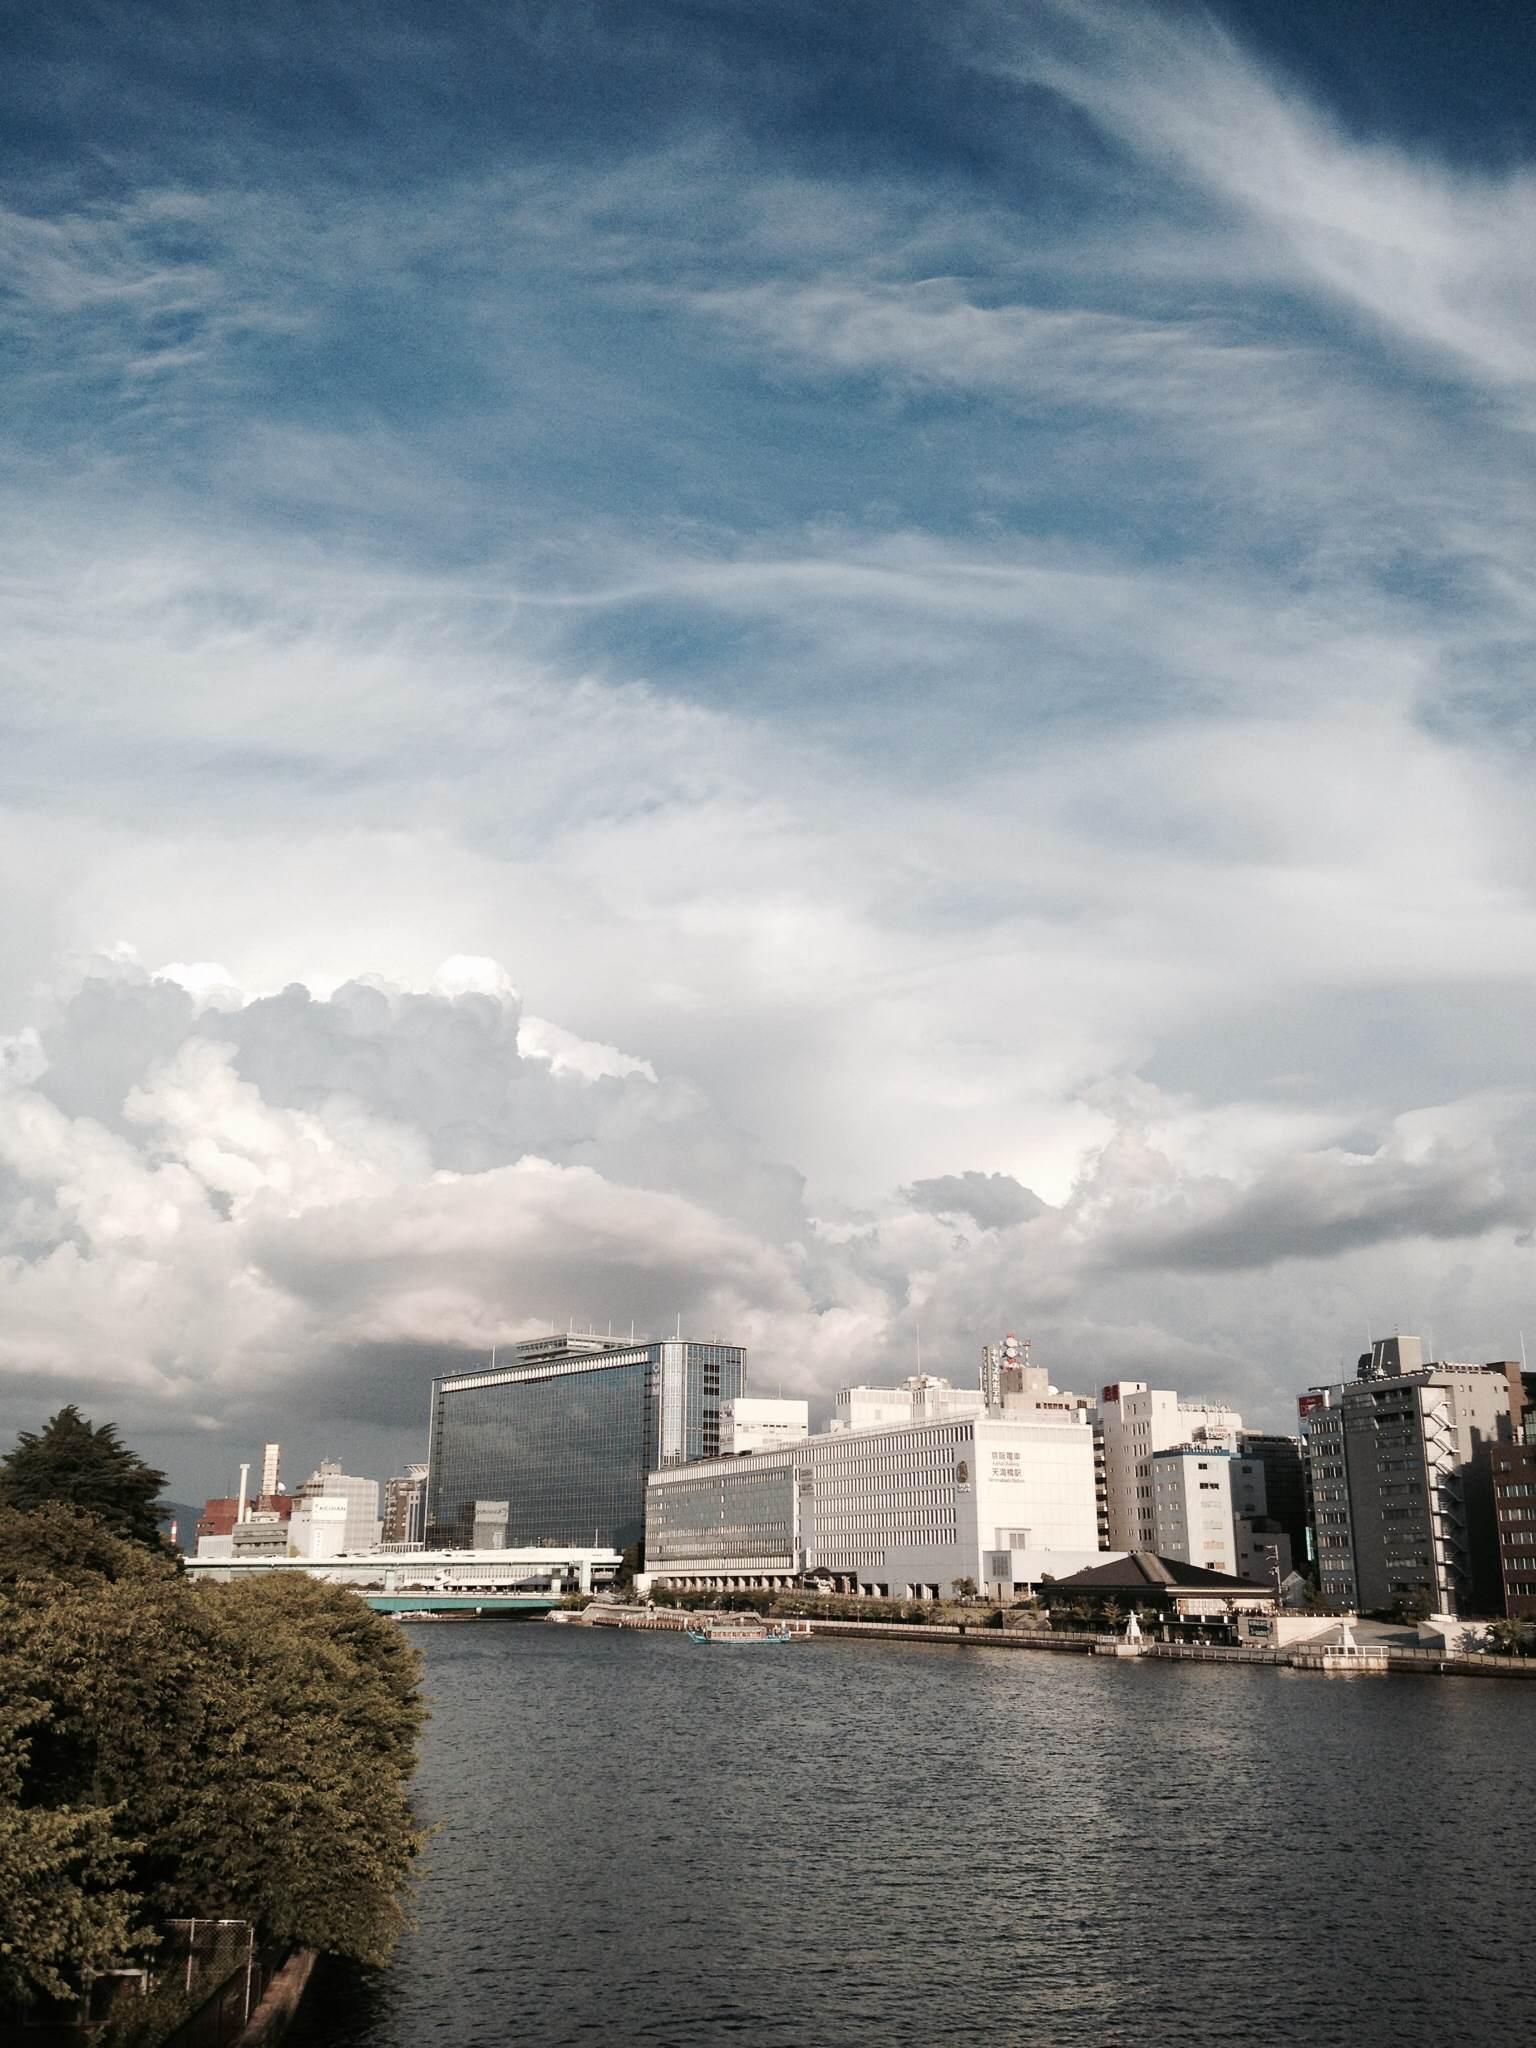 天満橋周辺の雲は悲しみの渦を巻いていた